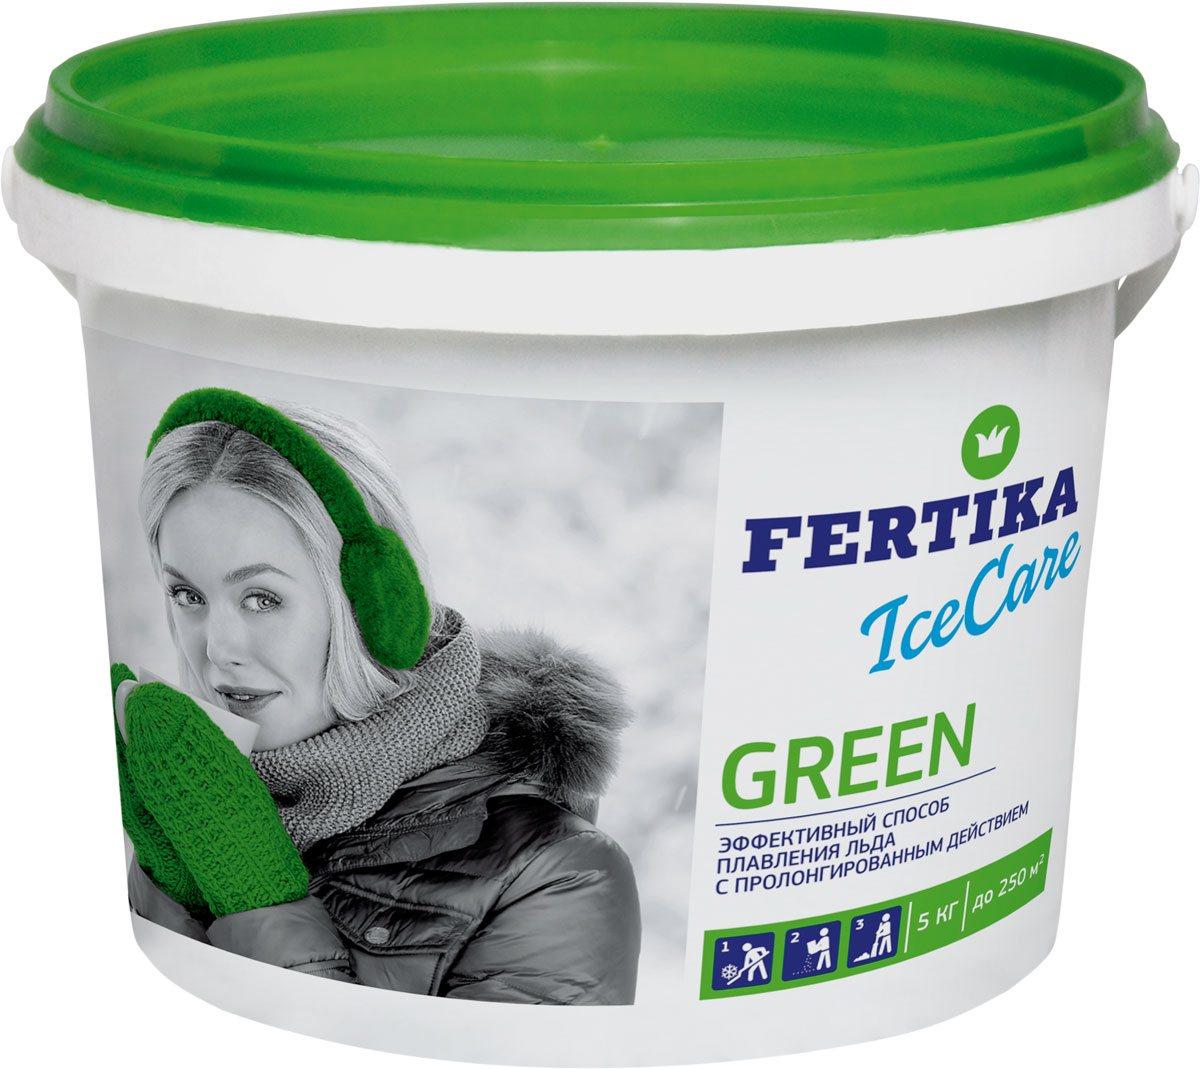 Реагент противогололедный Fertika IceCare Green, 5 кгBi-fertika0069Безопасный противогололедный реагент IceCare Green.Противогололедный реагент (кальций хлористый и натрий хлористый) Fertika IceCare Green, предназначен для обработки пешеходных зон и тротуаров с твердым покрытием, дорог и улиц, внутридворовых территорий, лестничных сходов, пандусов.Действует при контакте со снегом и льдом. Эффективен для разрушения образовавшегося льда, снежного наката и для предотвращения образования гололеда. Разрушает лед и связь льда с поверхностью, после чего поверхность возможно легко очистить.Преимущества:• Плавит лед в 2-5 раз быстрее, чем другие противоледные реагенты• Работает в экстремальных температурных диапазонах• Экологически чист и безопасен при соблюдении норм внесенияСпособ применения:1. Предварительно очистить поверхность от рыхлого снега.2. Равномерно рассыпать материал на обрабатываемую поверхность, средний расход материала составляет до 70 гр/м2 при толщине льда до 5 мм и температуре до -10 °С. Рекомендуемый расход материала в зависимости от погодных условий приведен в таблице.3. Убрать разрушенный лед и снег лопатой, либо щеткой по окончанию процесса плавления льда во избежание повторного образования льда.ПРОФИЛАКТИКА ОБРАЗОВАНИЯ ГОЛОЛЕДАМожет использоваться в качестве превентивного средства против образования наледи за счет пролонгированного действия.В случае прогнозируемых осадков и/или образования гололеда в ночные и утренние часы рекомендуется равномерно рассыпать материал на обрабатываемую поверхность ДО начала осадков. Расход материала составляет около 30 гр/м2 при температуре до -10 °С. При более низких температурах и значительных осадках расход материала рекомендуется увеличить. Использование противогололедных материалов в соответствии с нормами расходов позволит качественно и оперативно достичь желаемого результата.MEРЫ ПРЕДОСТОРОЖНОСТИ• Не применять в пищу.• Оказывает раздражающее действие на кожу и слизистые оболочки• При попадании в глаза вызывает в